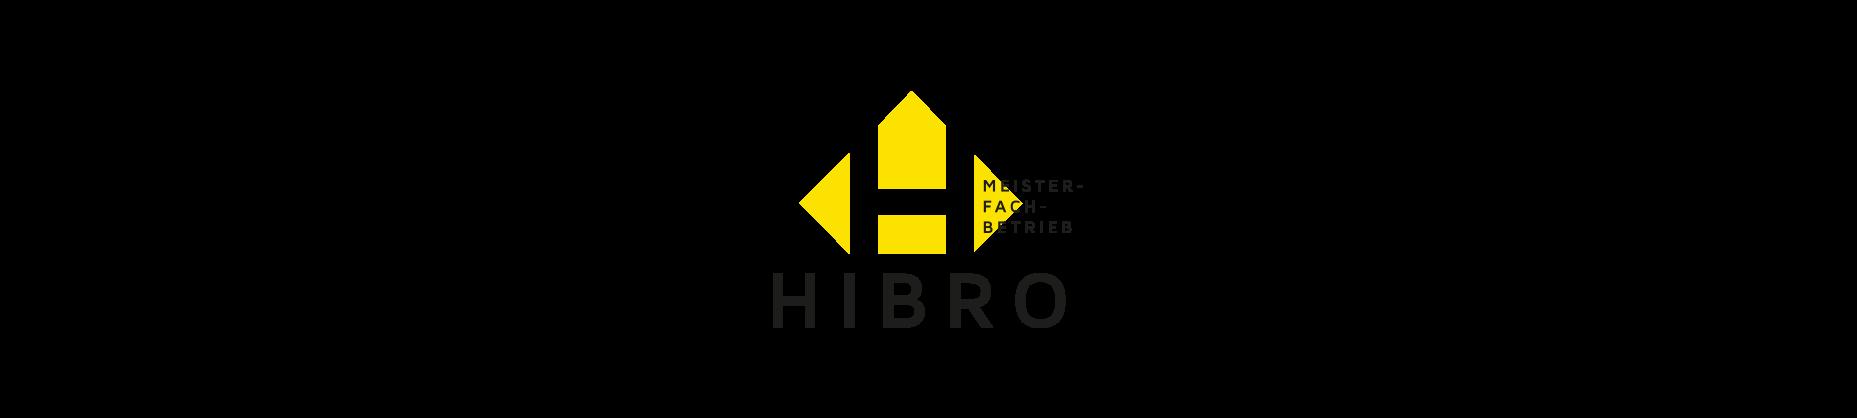 HIBRO – Die Fliesenverlege Profis – Fliesenleger in Altenriet, Nürtingen, Göppingen, Esslingen, Böblingen, Stuttgart, Leonberg, Sindelfingen, Reutlingen, Tübingen